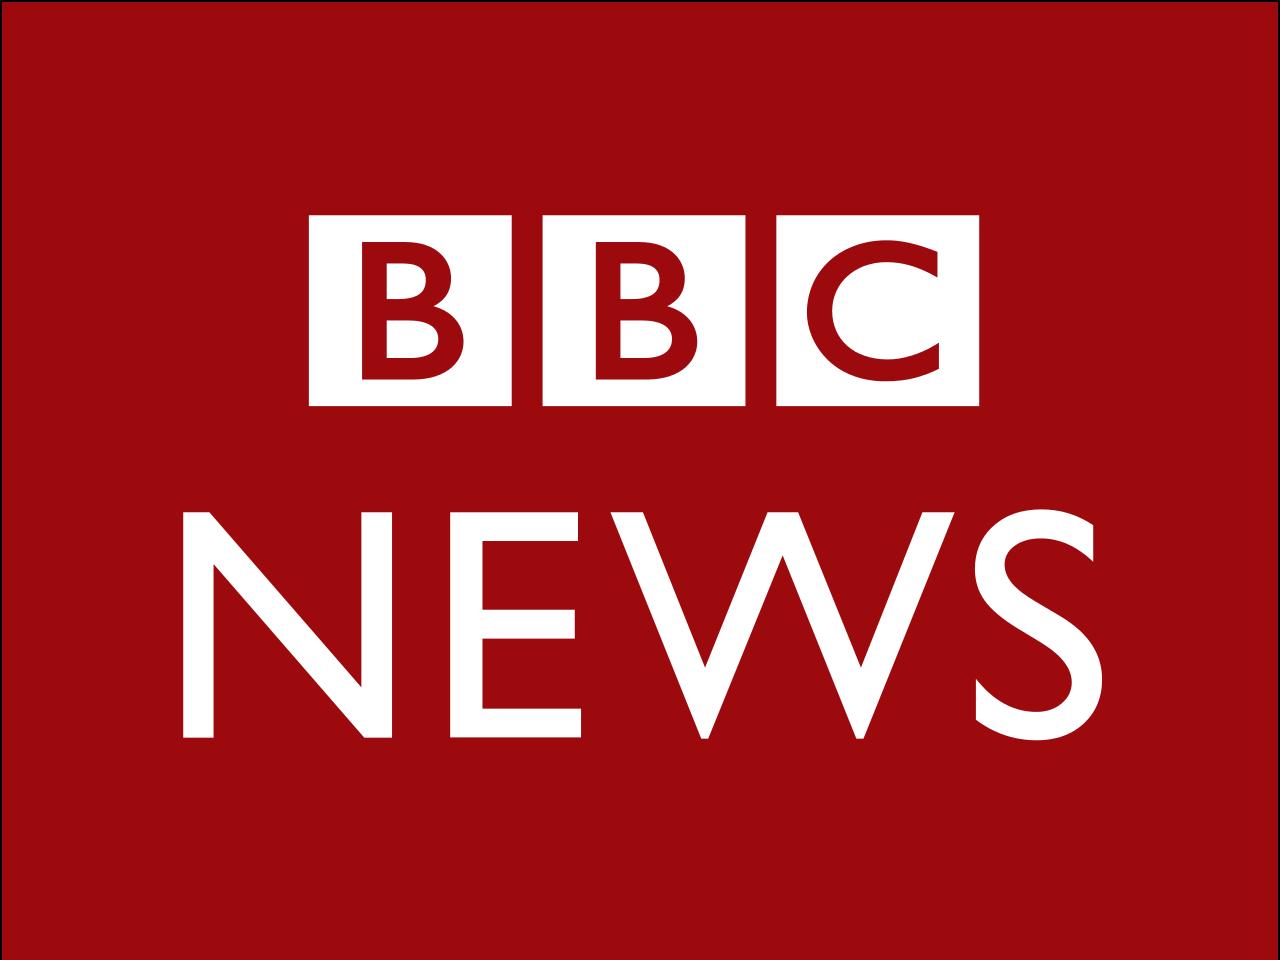 BBCNewsLogo